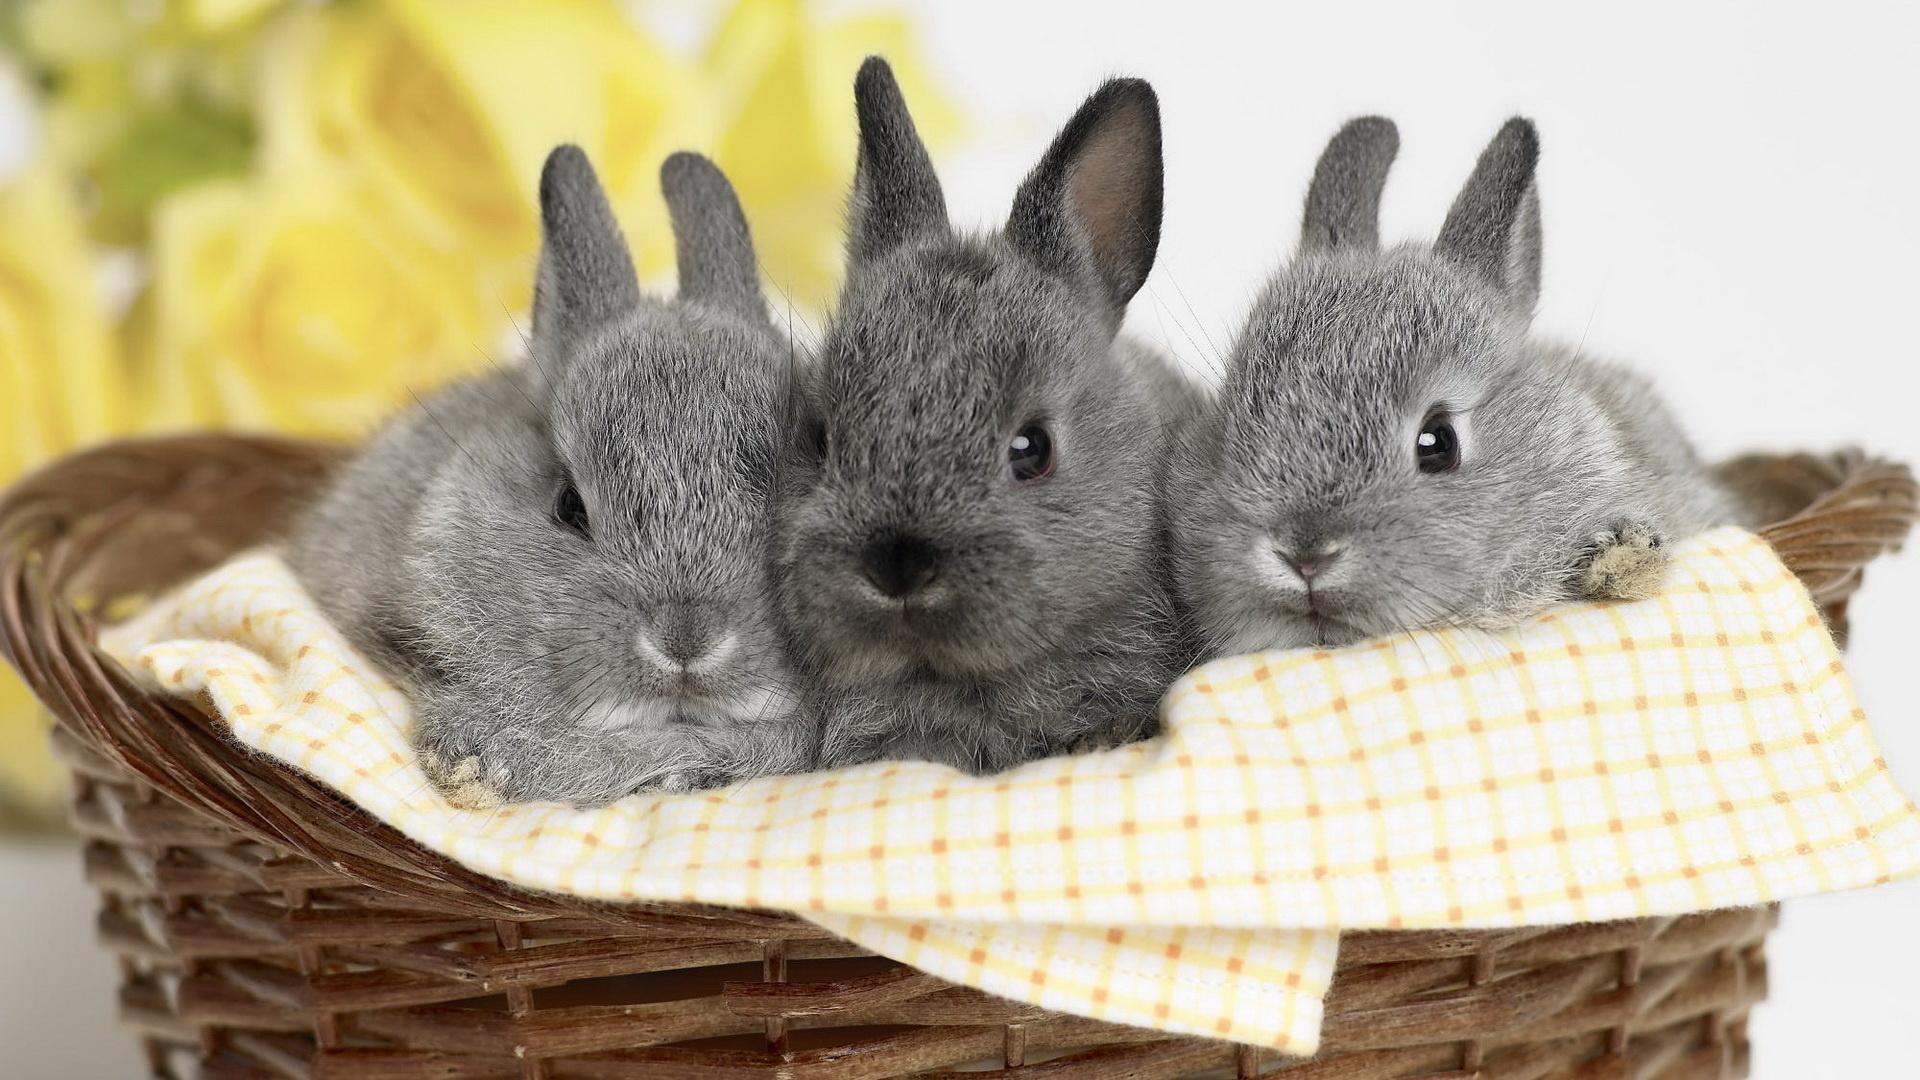 картинки с кроликами милые тут случайно